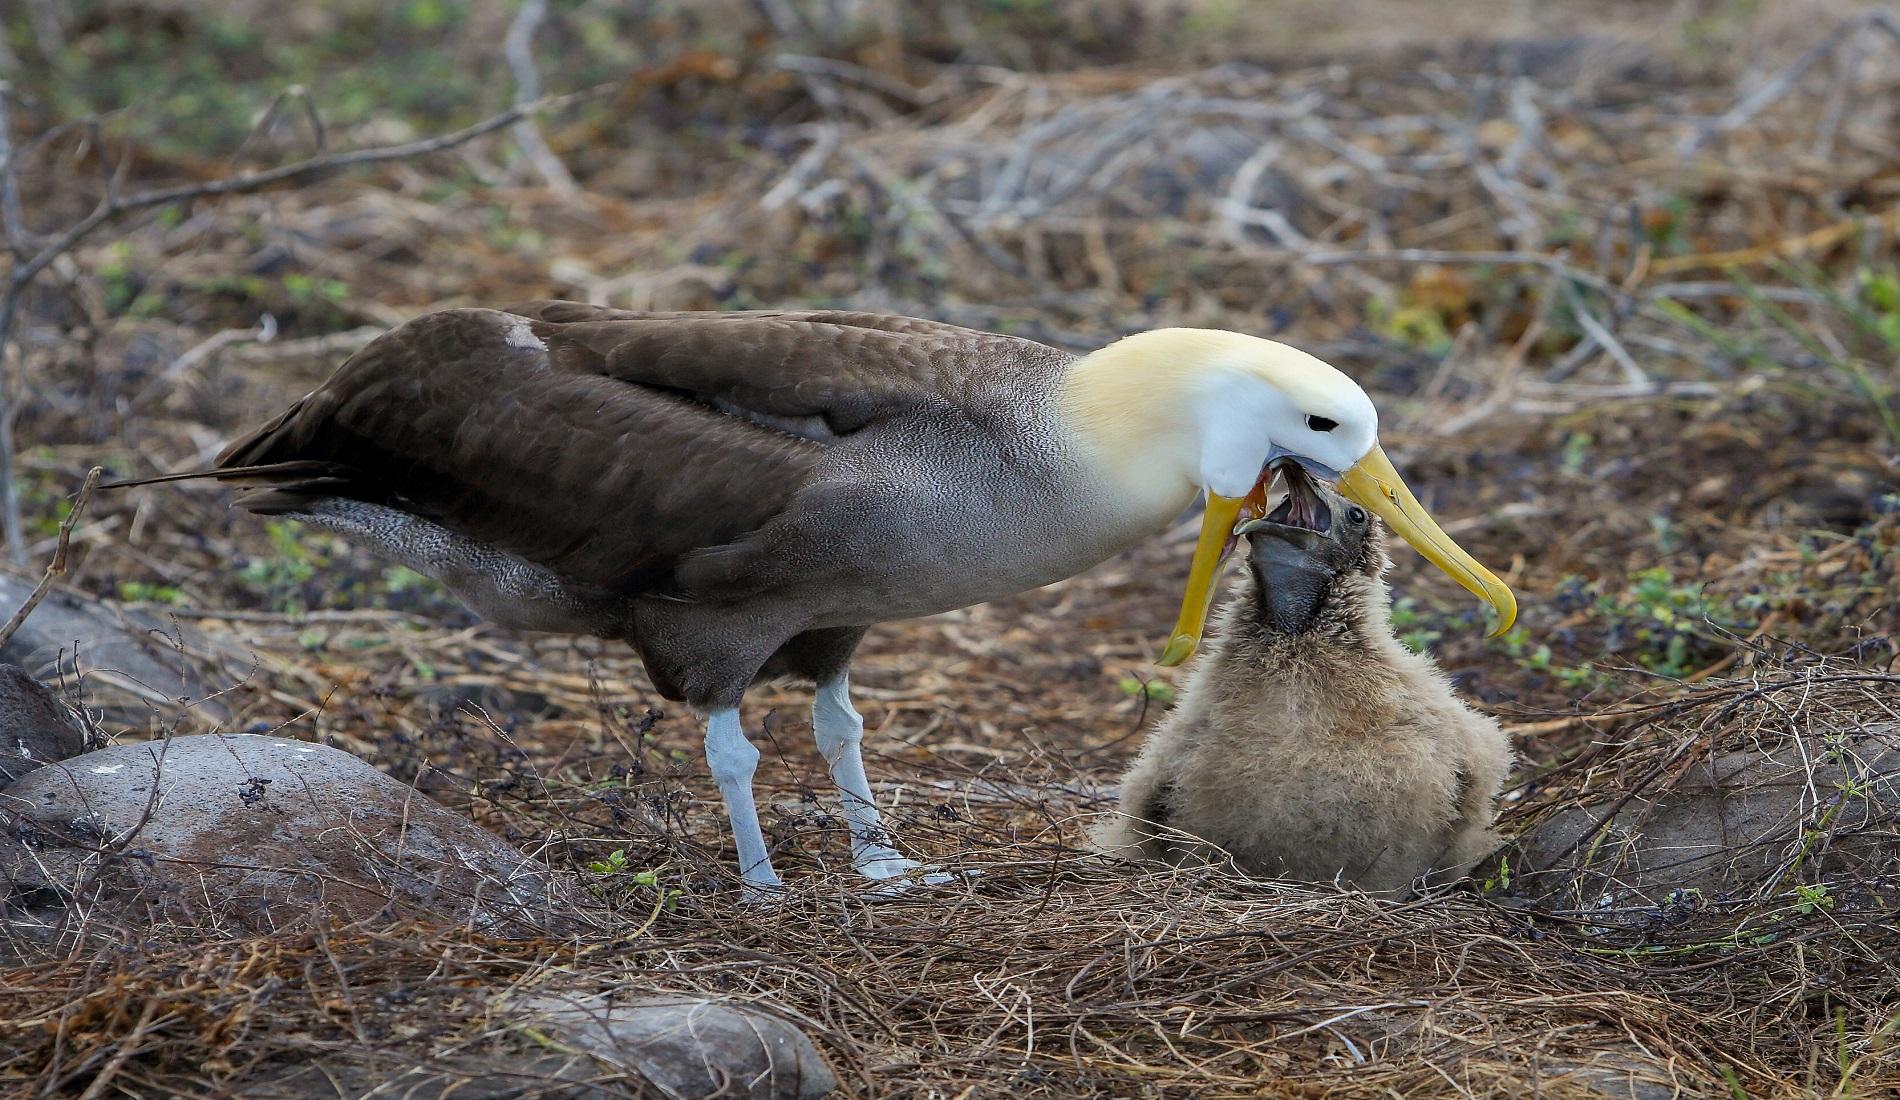 eilandhoppen galapagos eilanden albatros